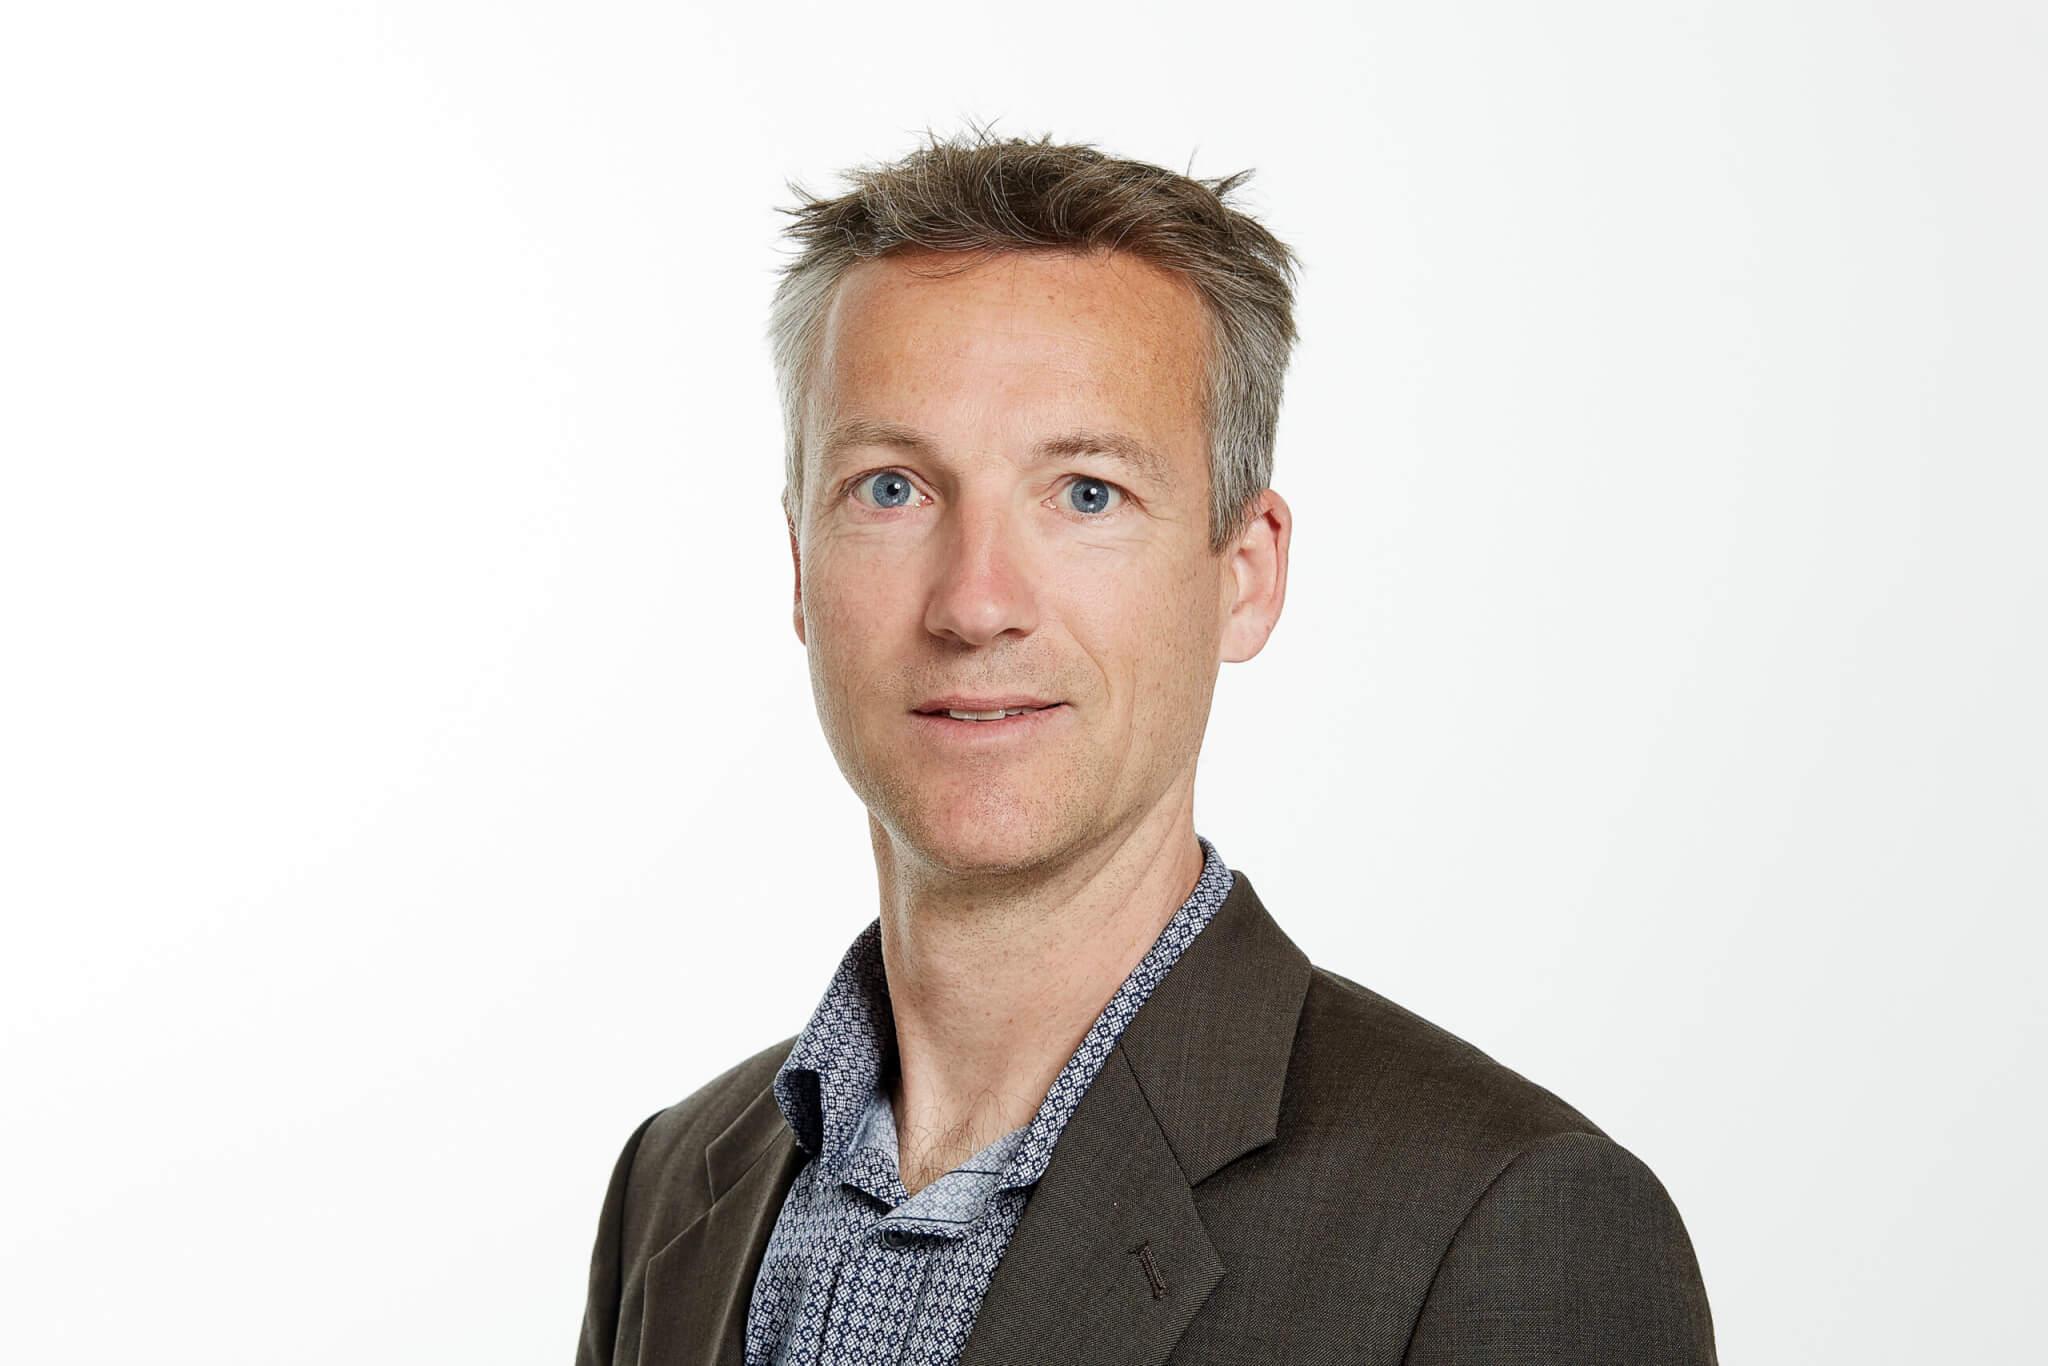 Anders Kildegaard Knudsen